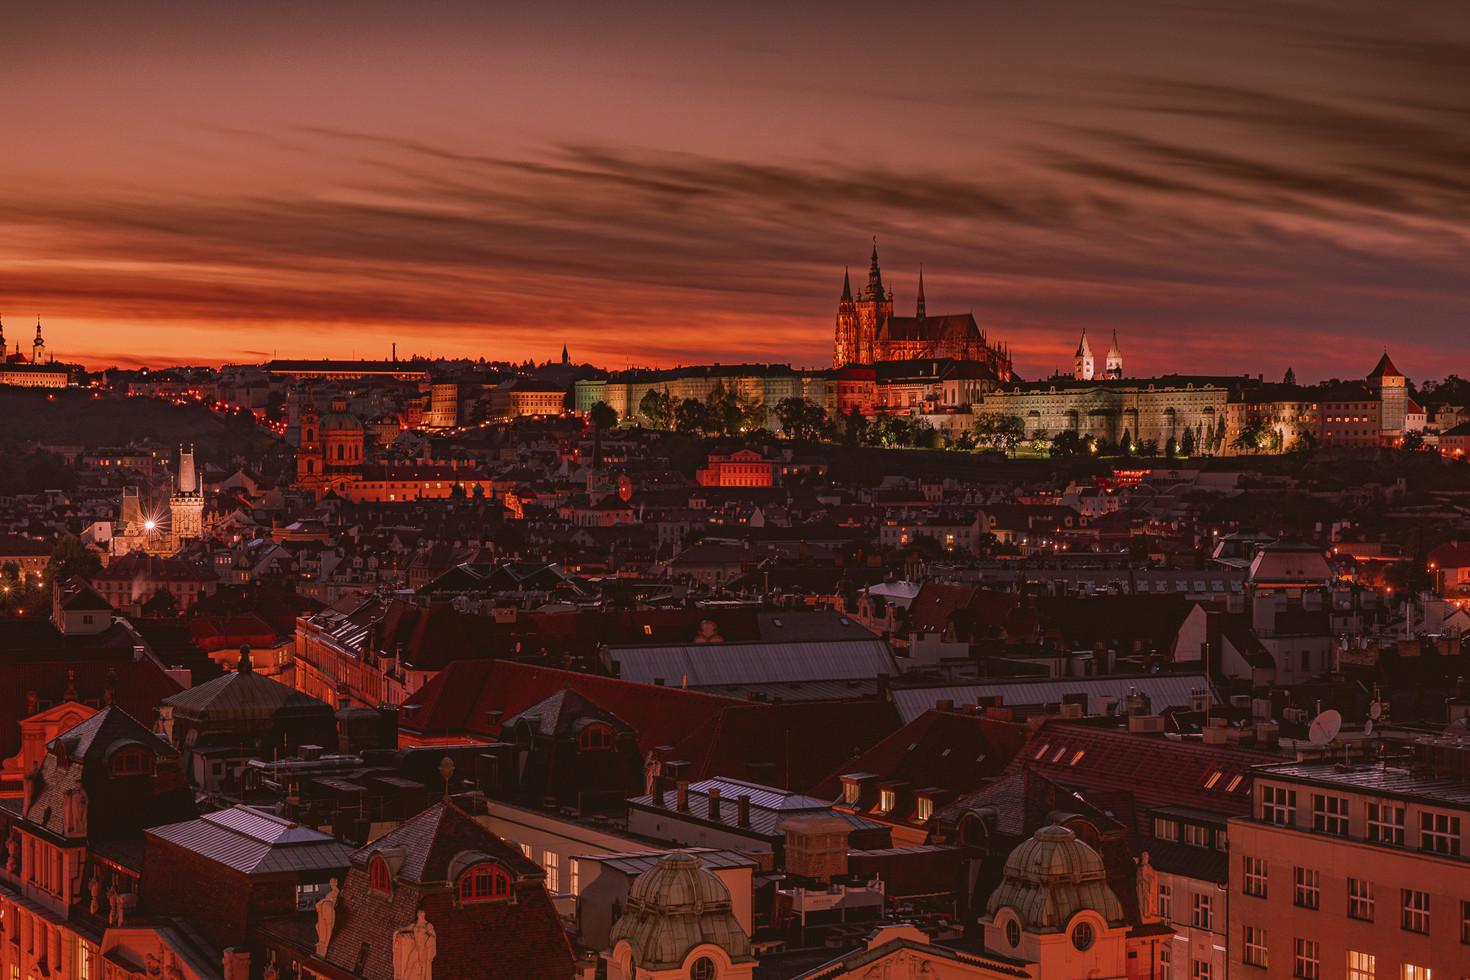 TKPA-Praha201910-0148v02-HDWH.jpg